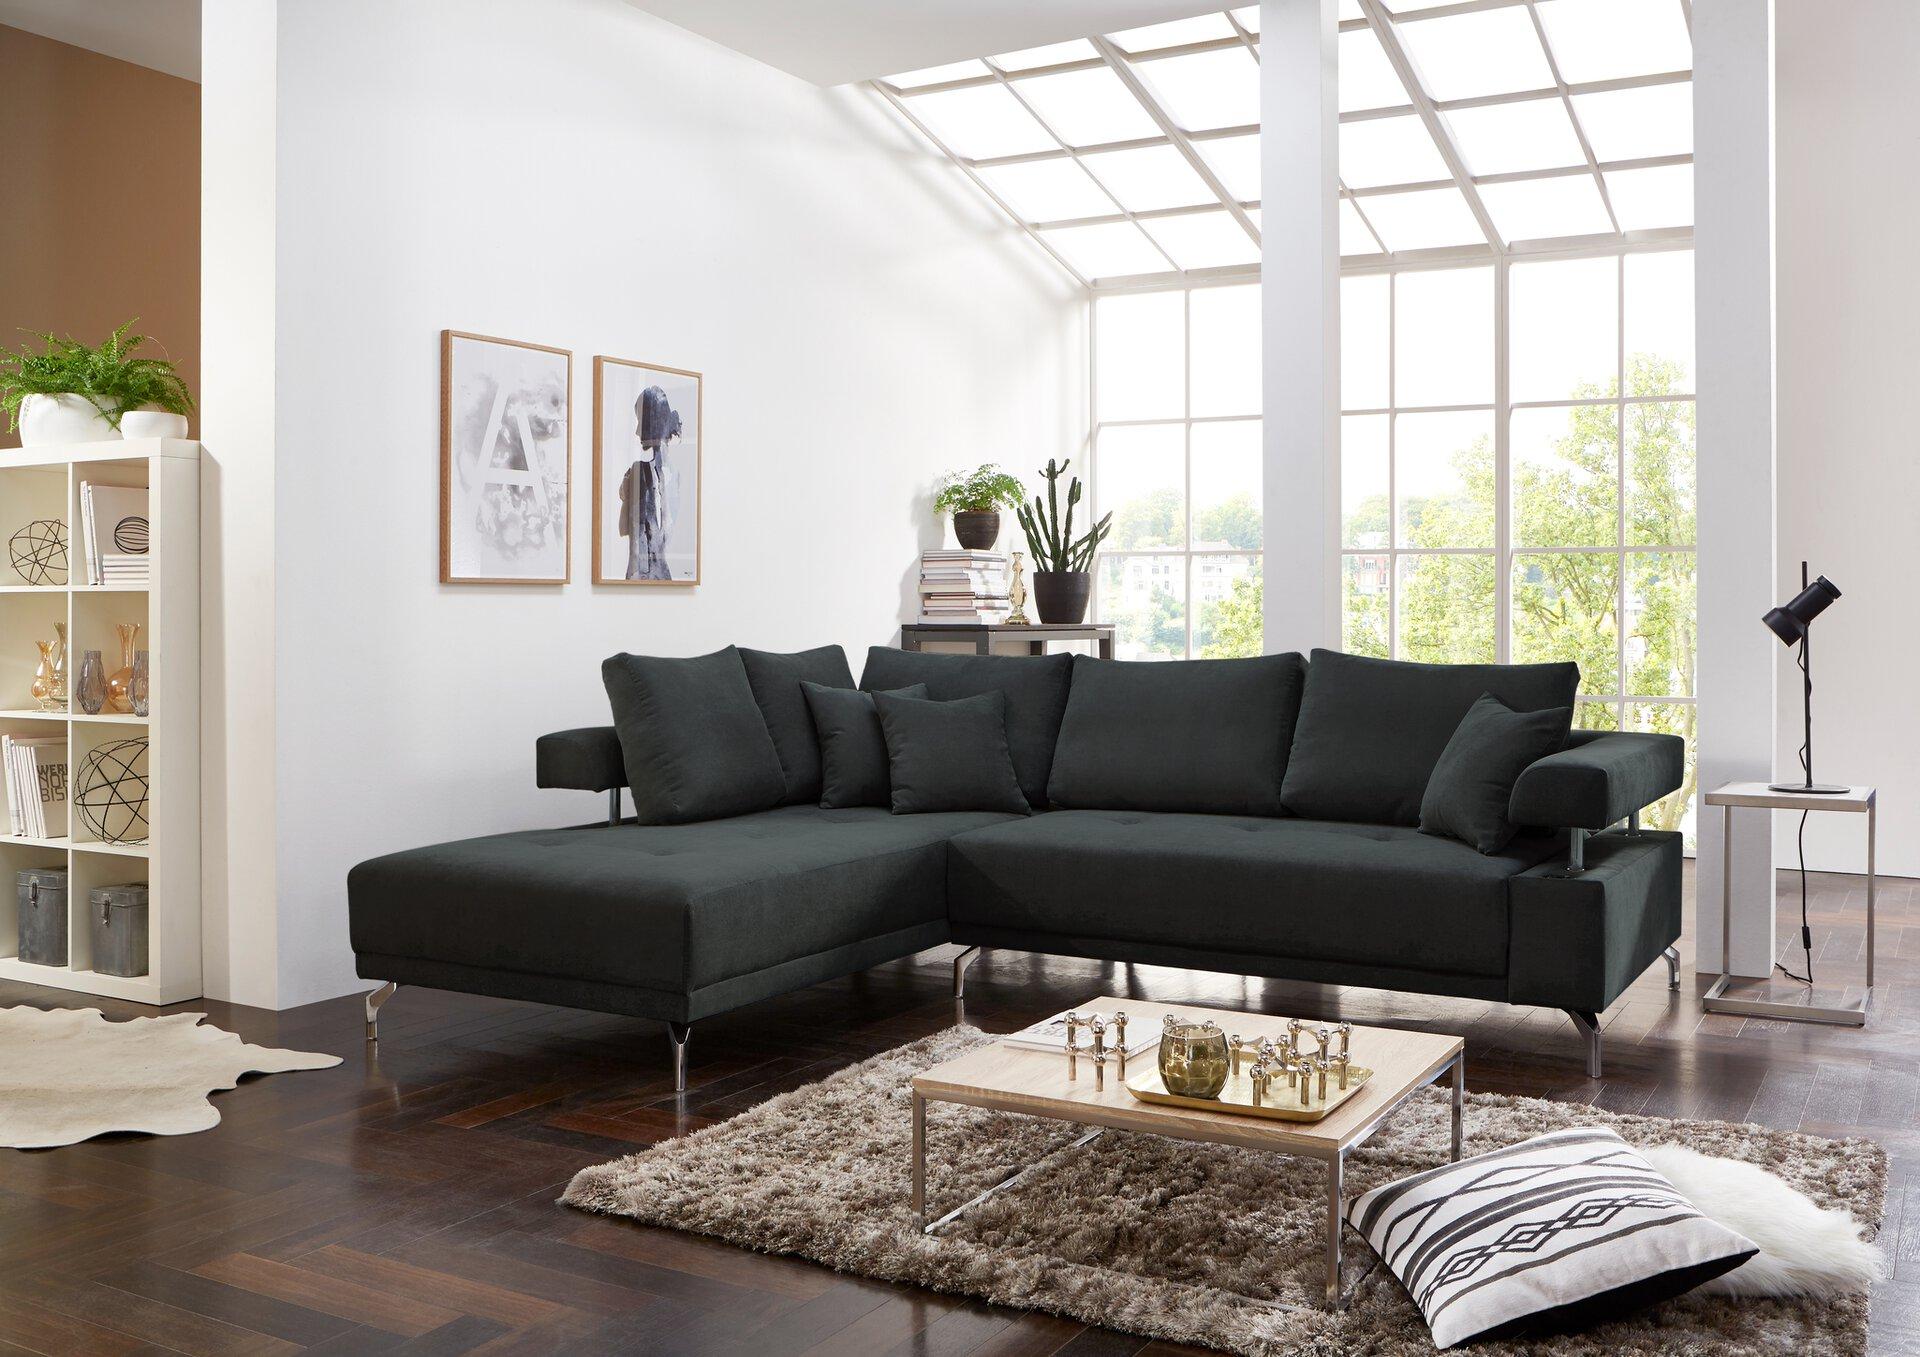 Ecksofa DREAM CELECT Textil grau 270 x 79 x 224 cm